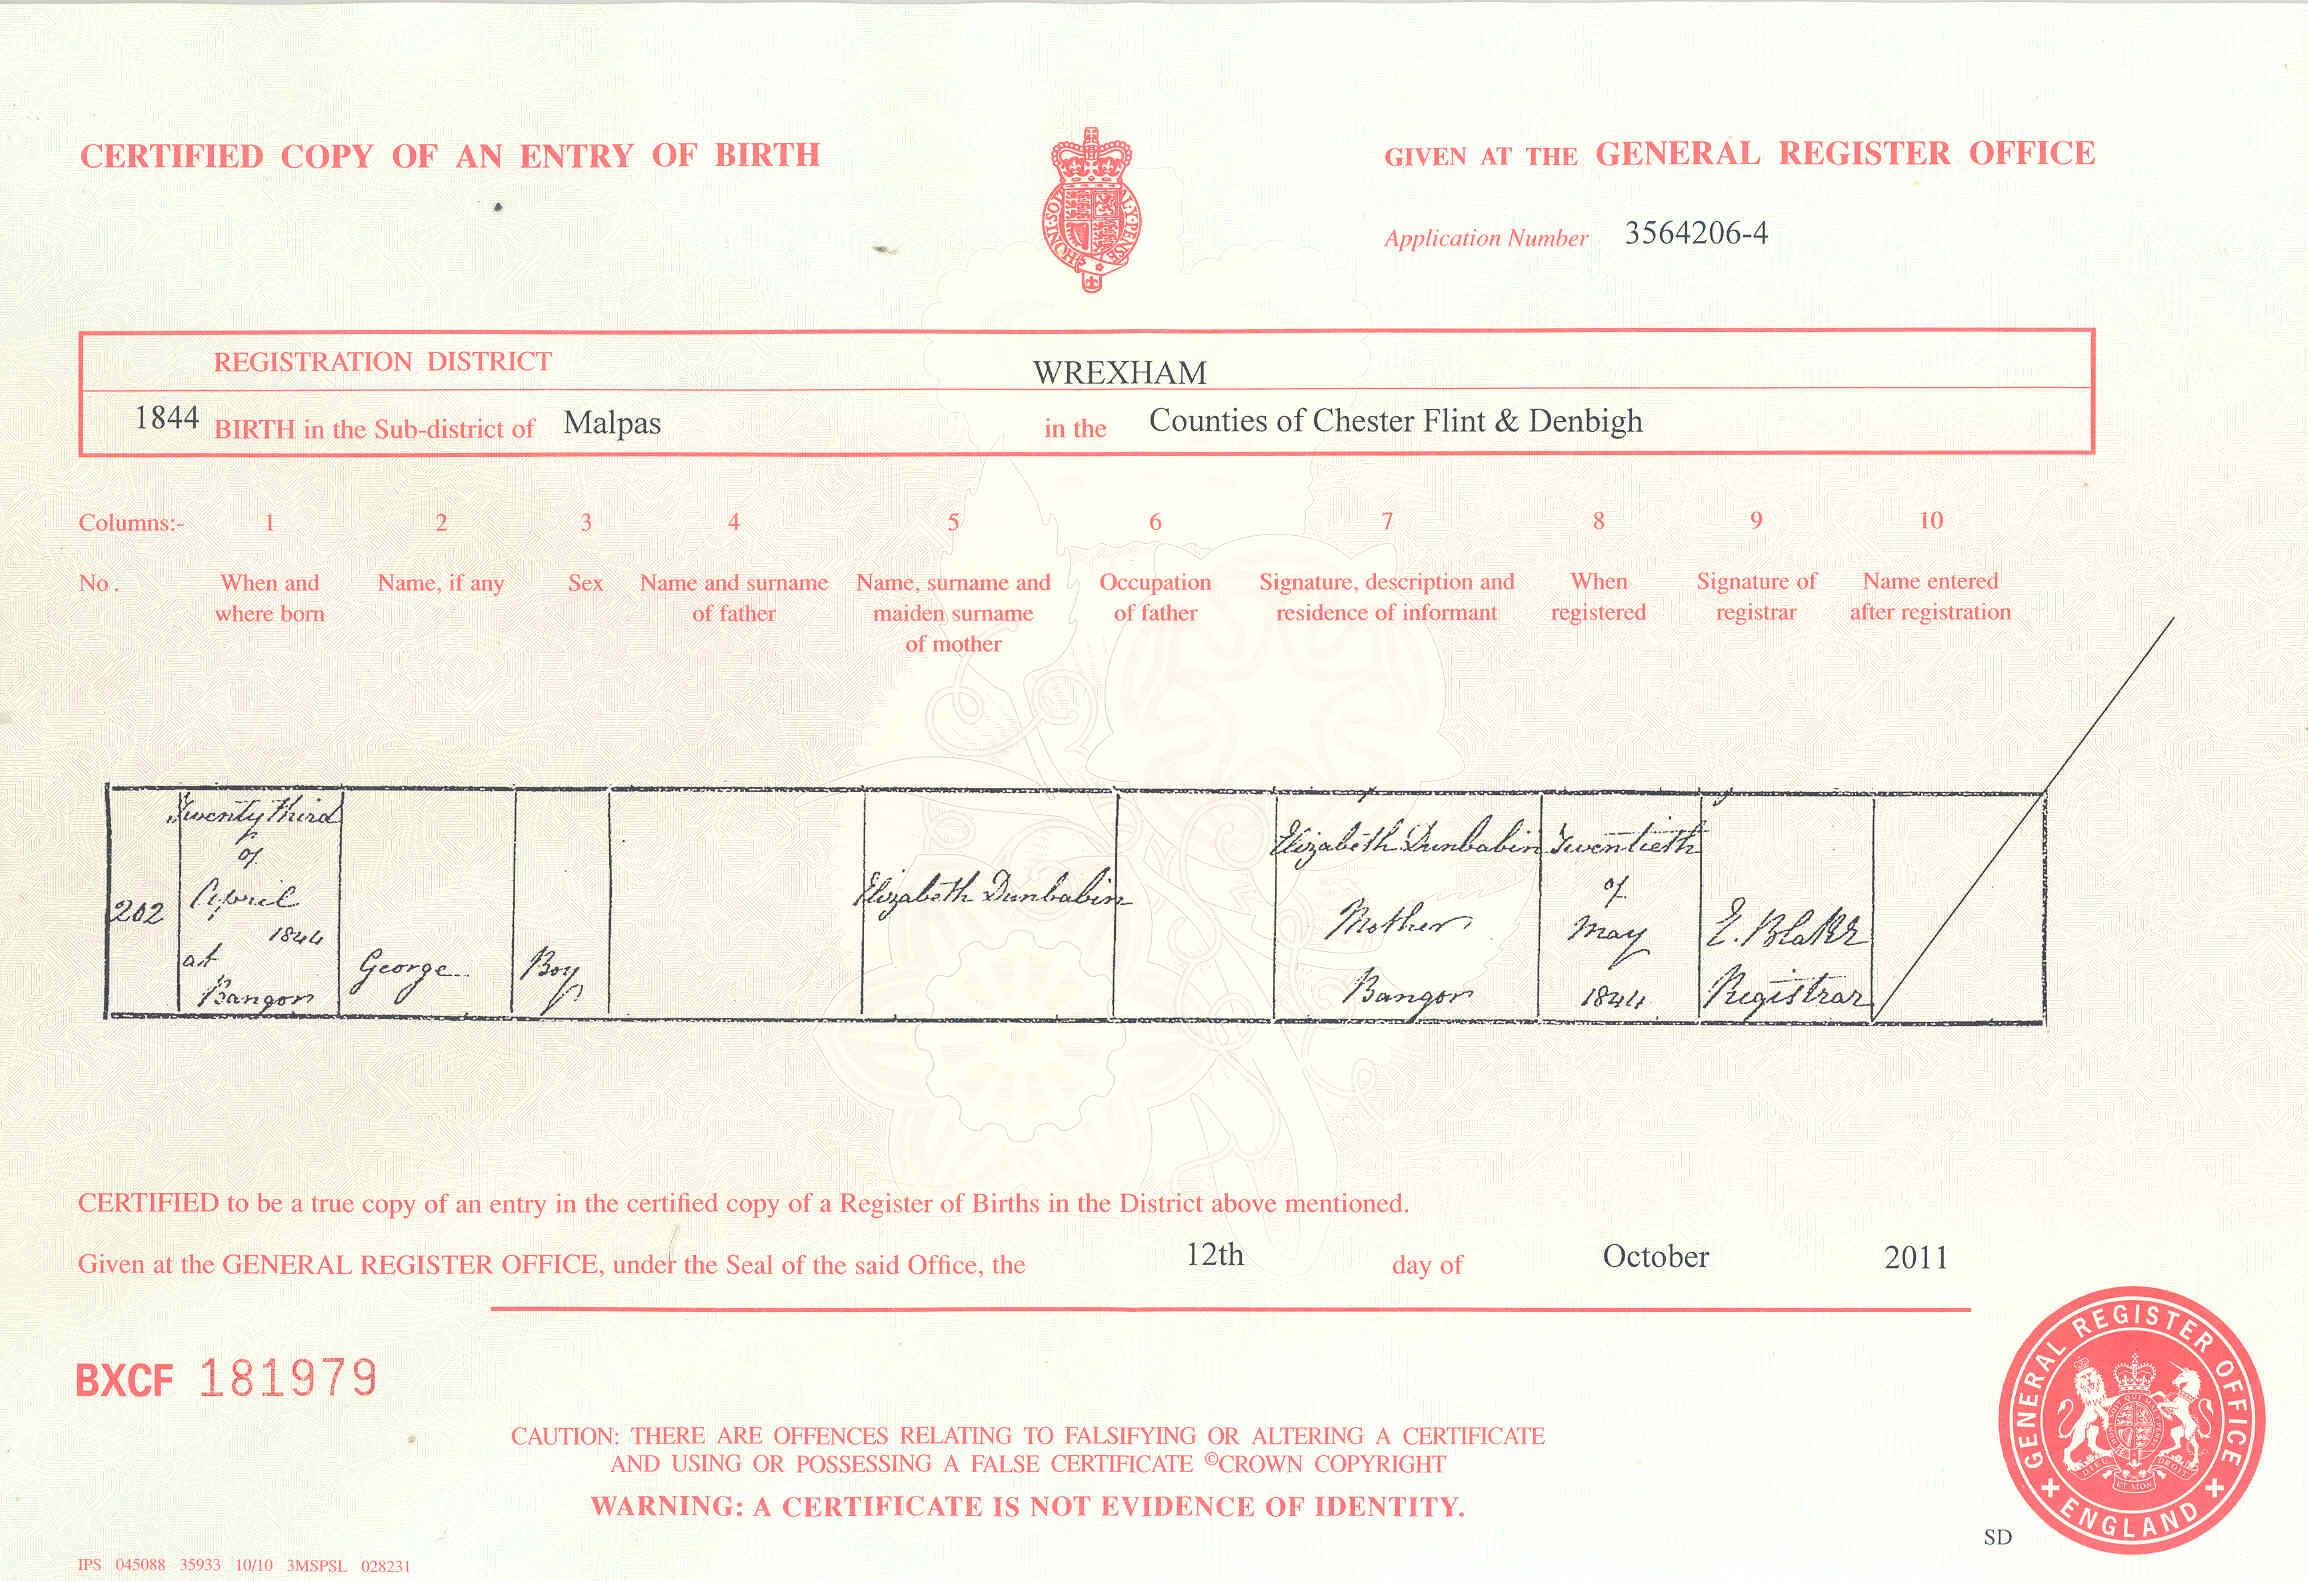 Donbavand Certificates